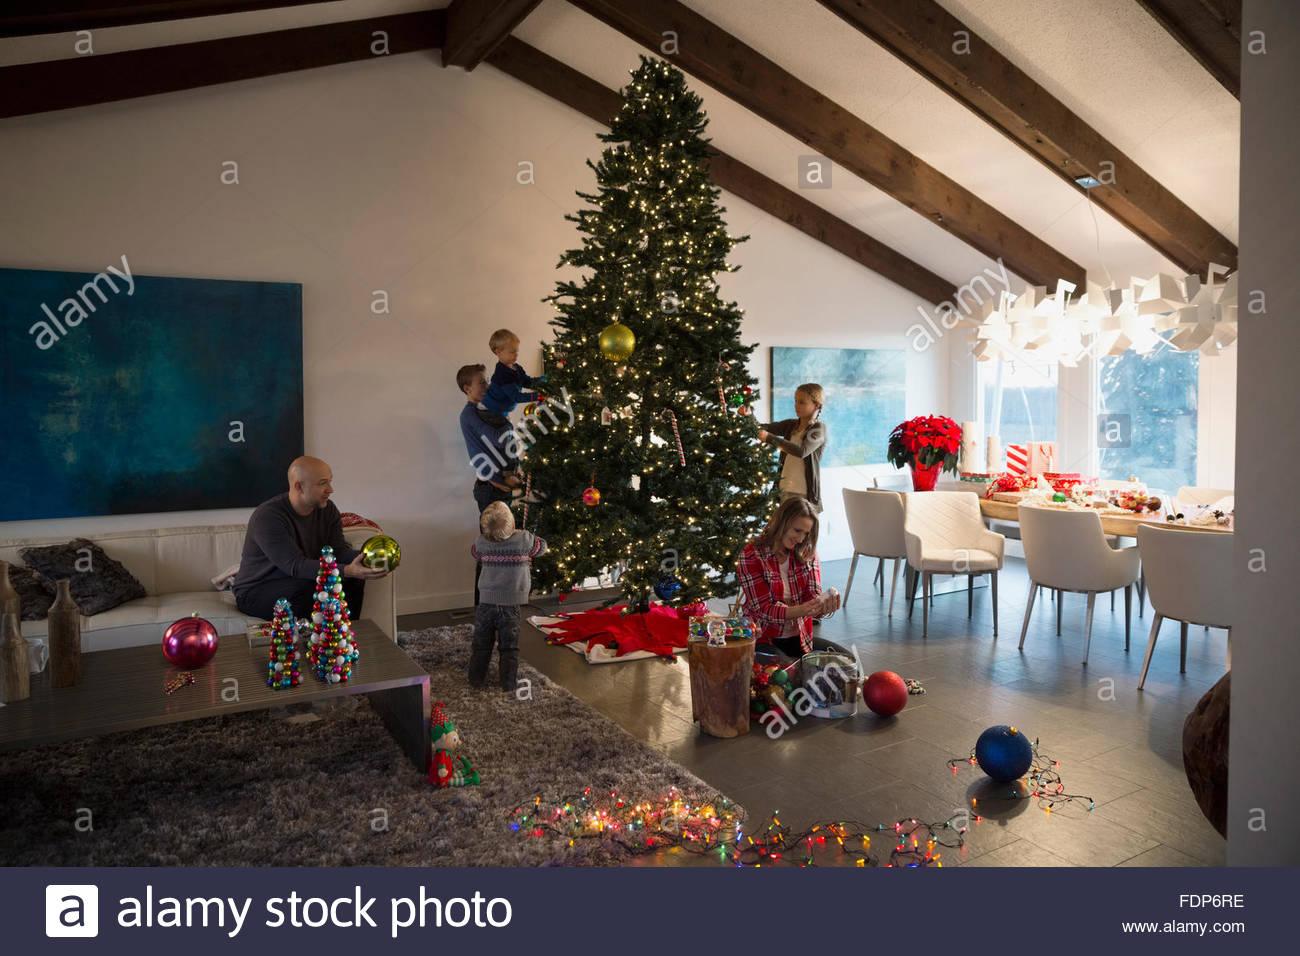 Familie schmücken Weihnachtsbaum im Wohnzimmer Stockfoto, Bild ...